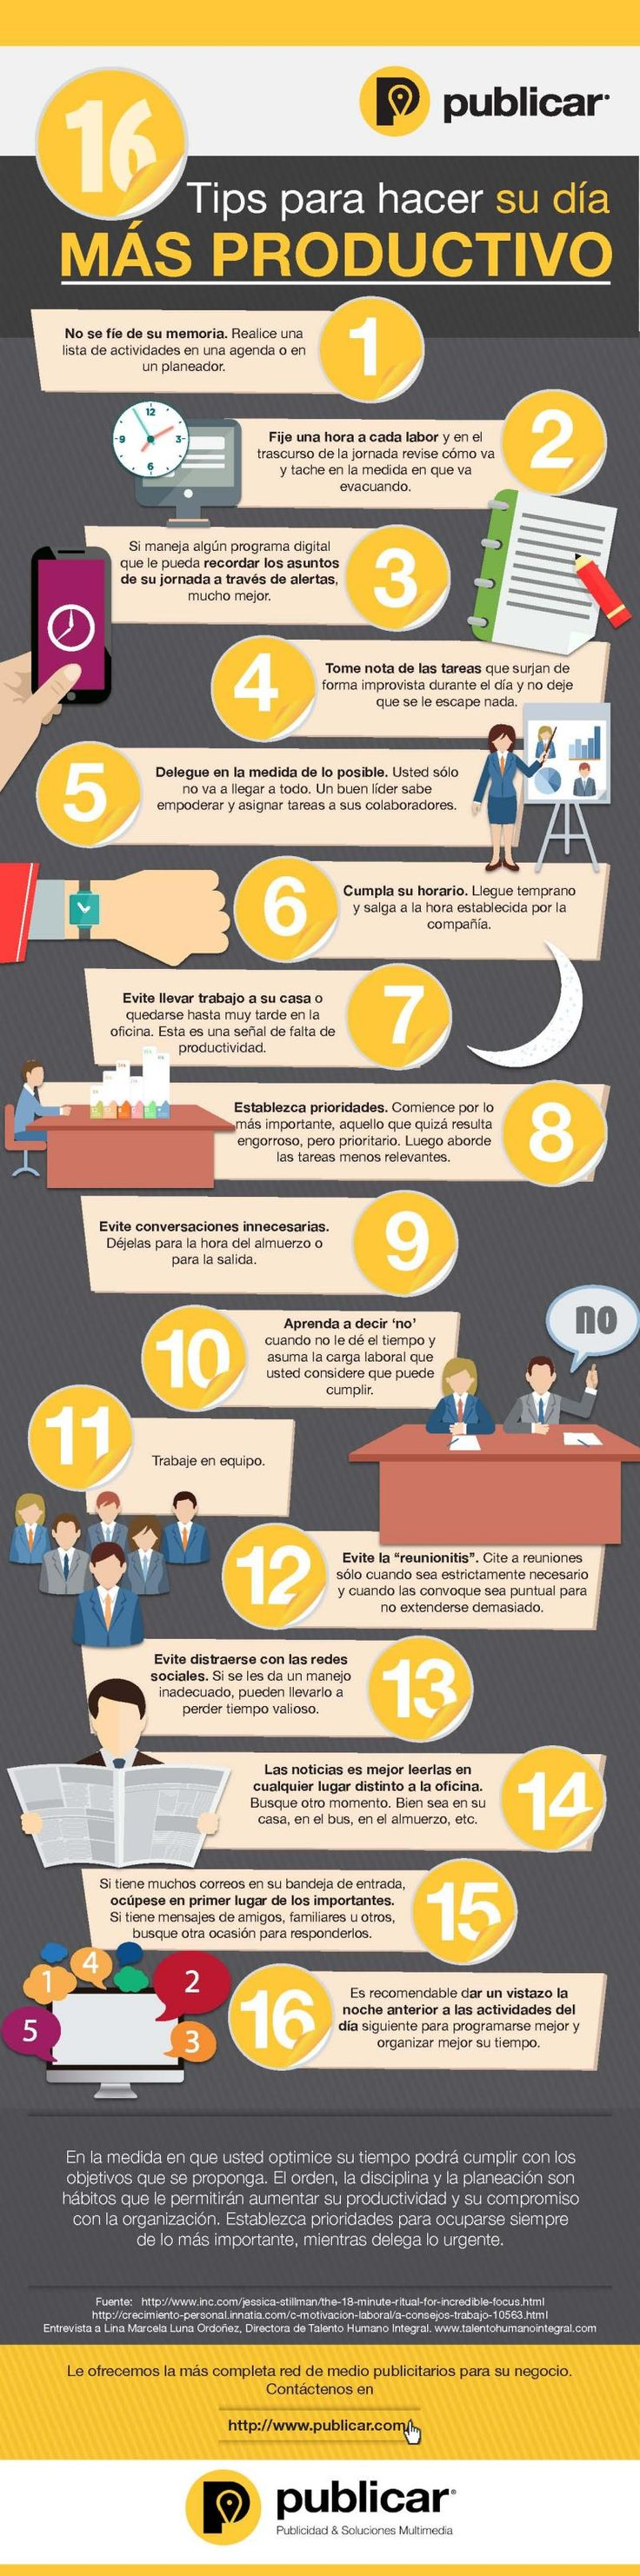 16 tips para hacer tu día más productivo. #Infografia